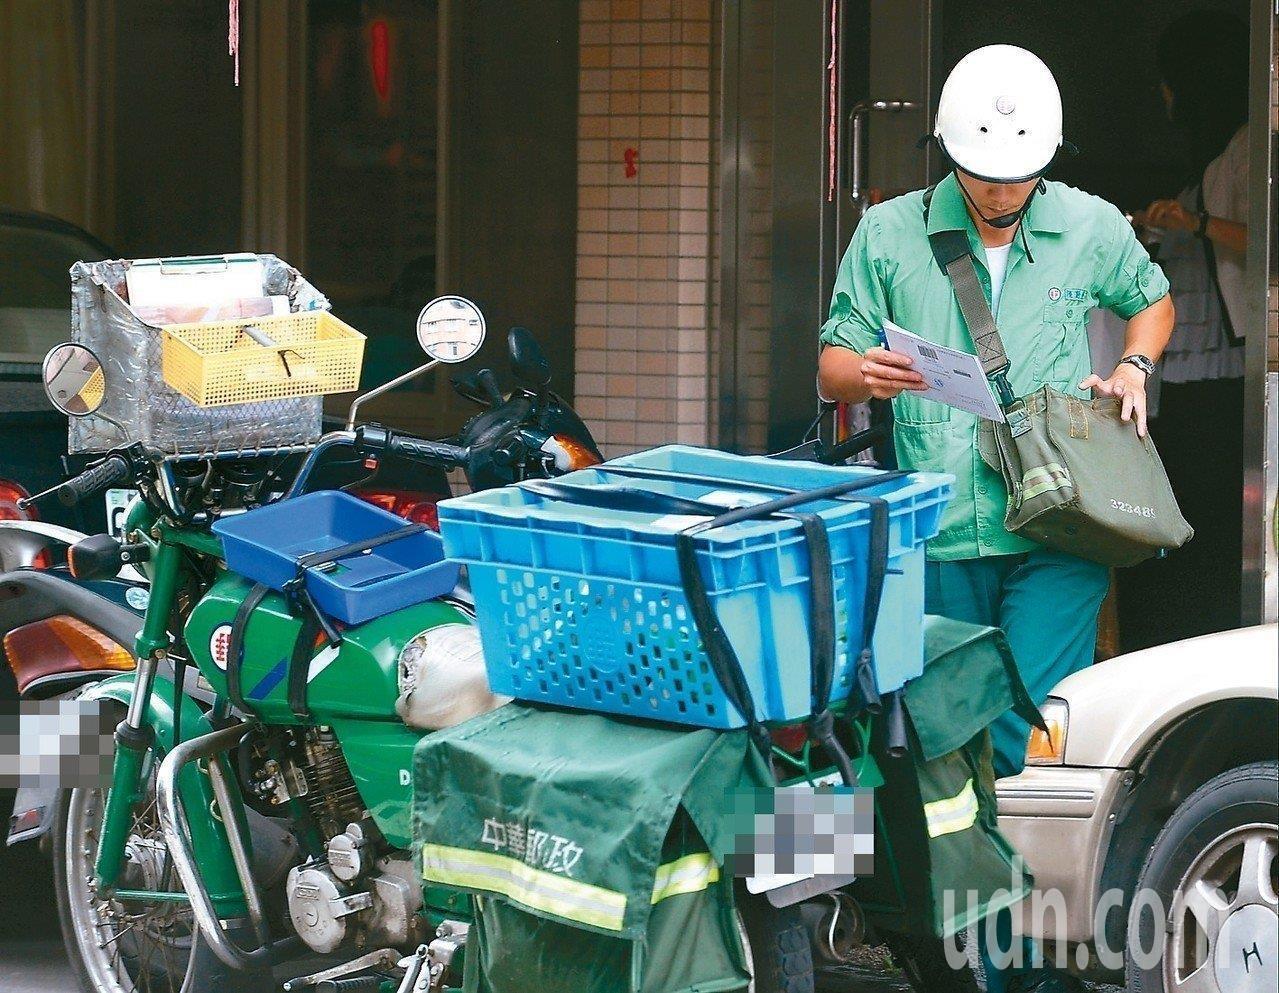 中華郵政數位簽收服務,預計今年9月上路,取代傳統手寫或蓋章。 本報資料照片